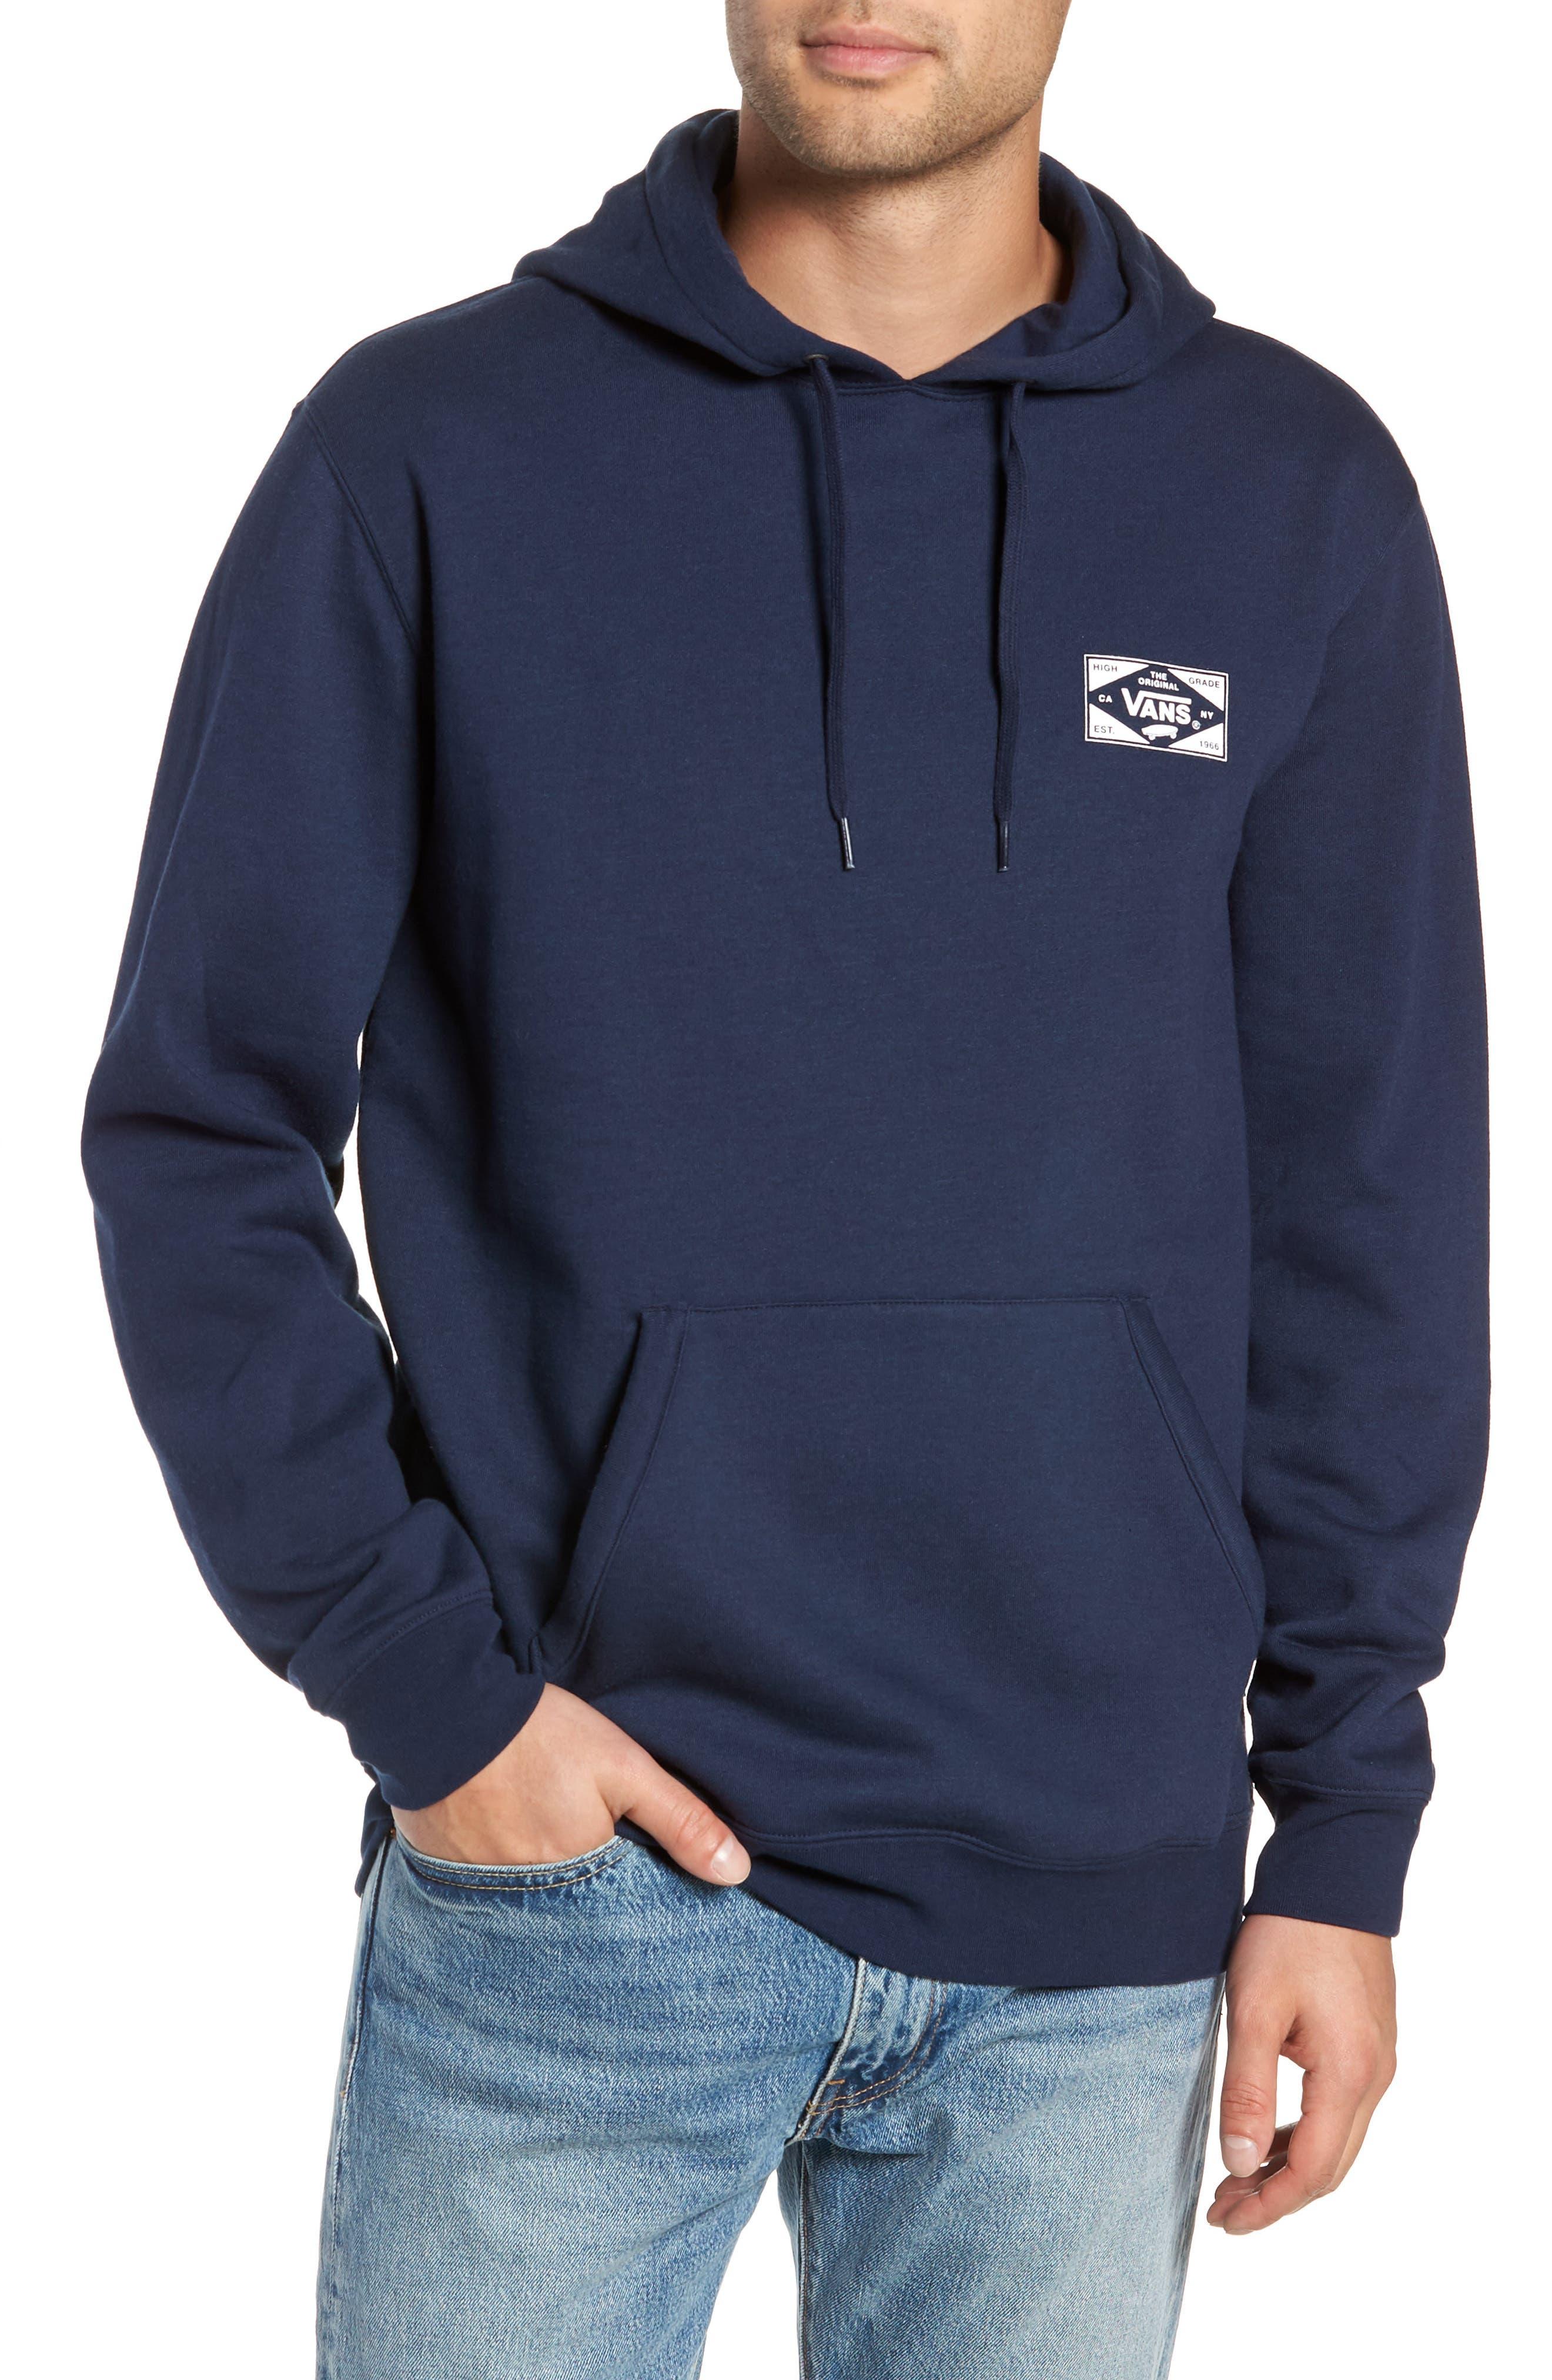 Vans Best In Class Hooded Sweatshirt, Blue